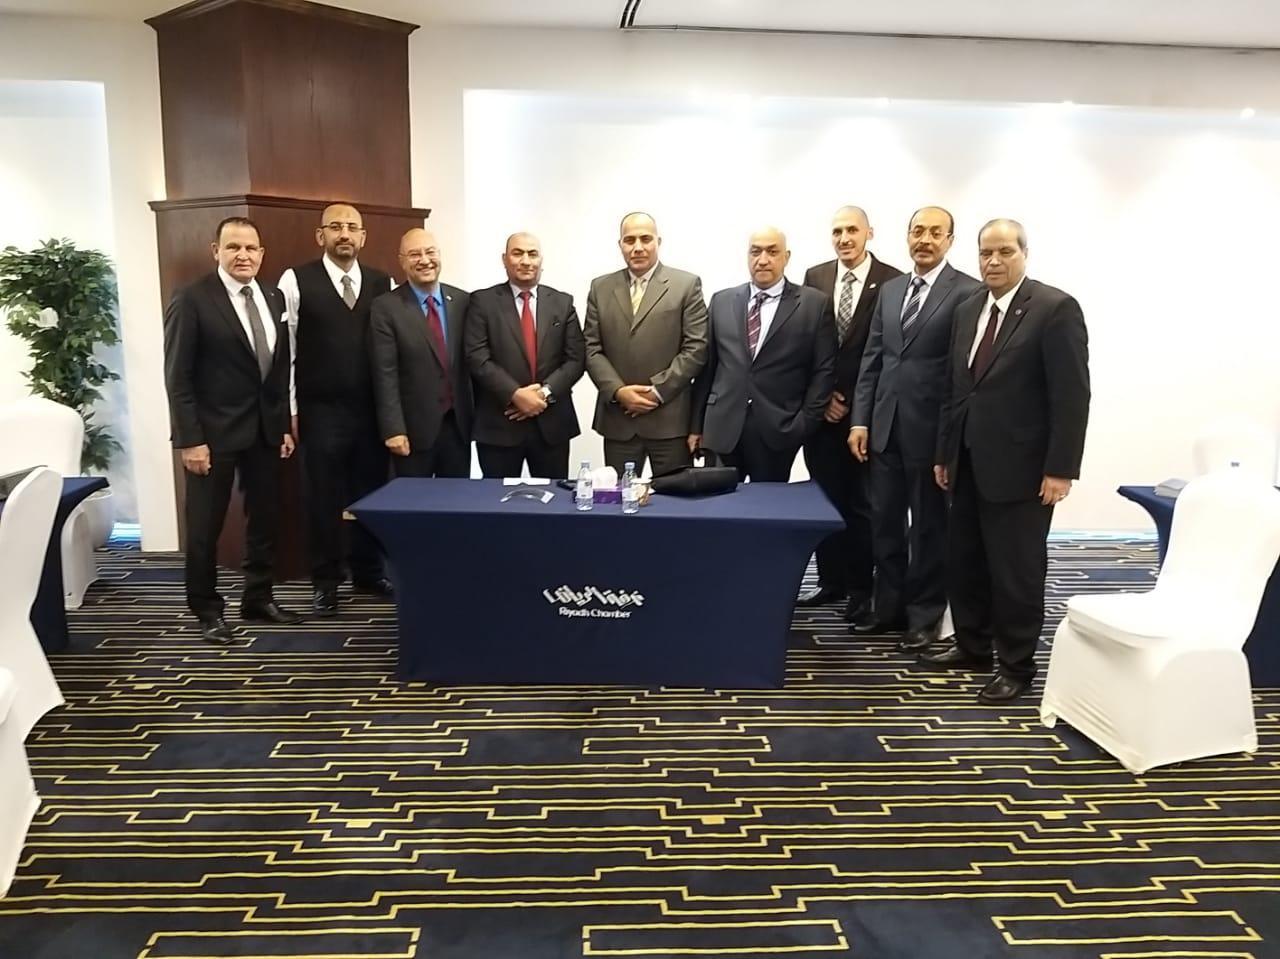 وفد جمعية رجال أعمال الإسكندرية يبحث الفرص الاستثمارية بالرياض - جريدة المال